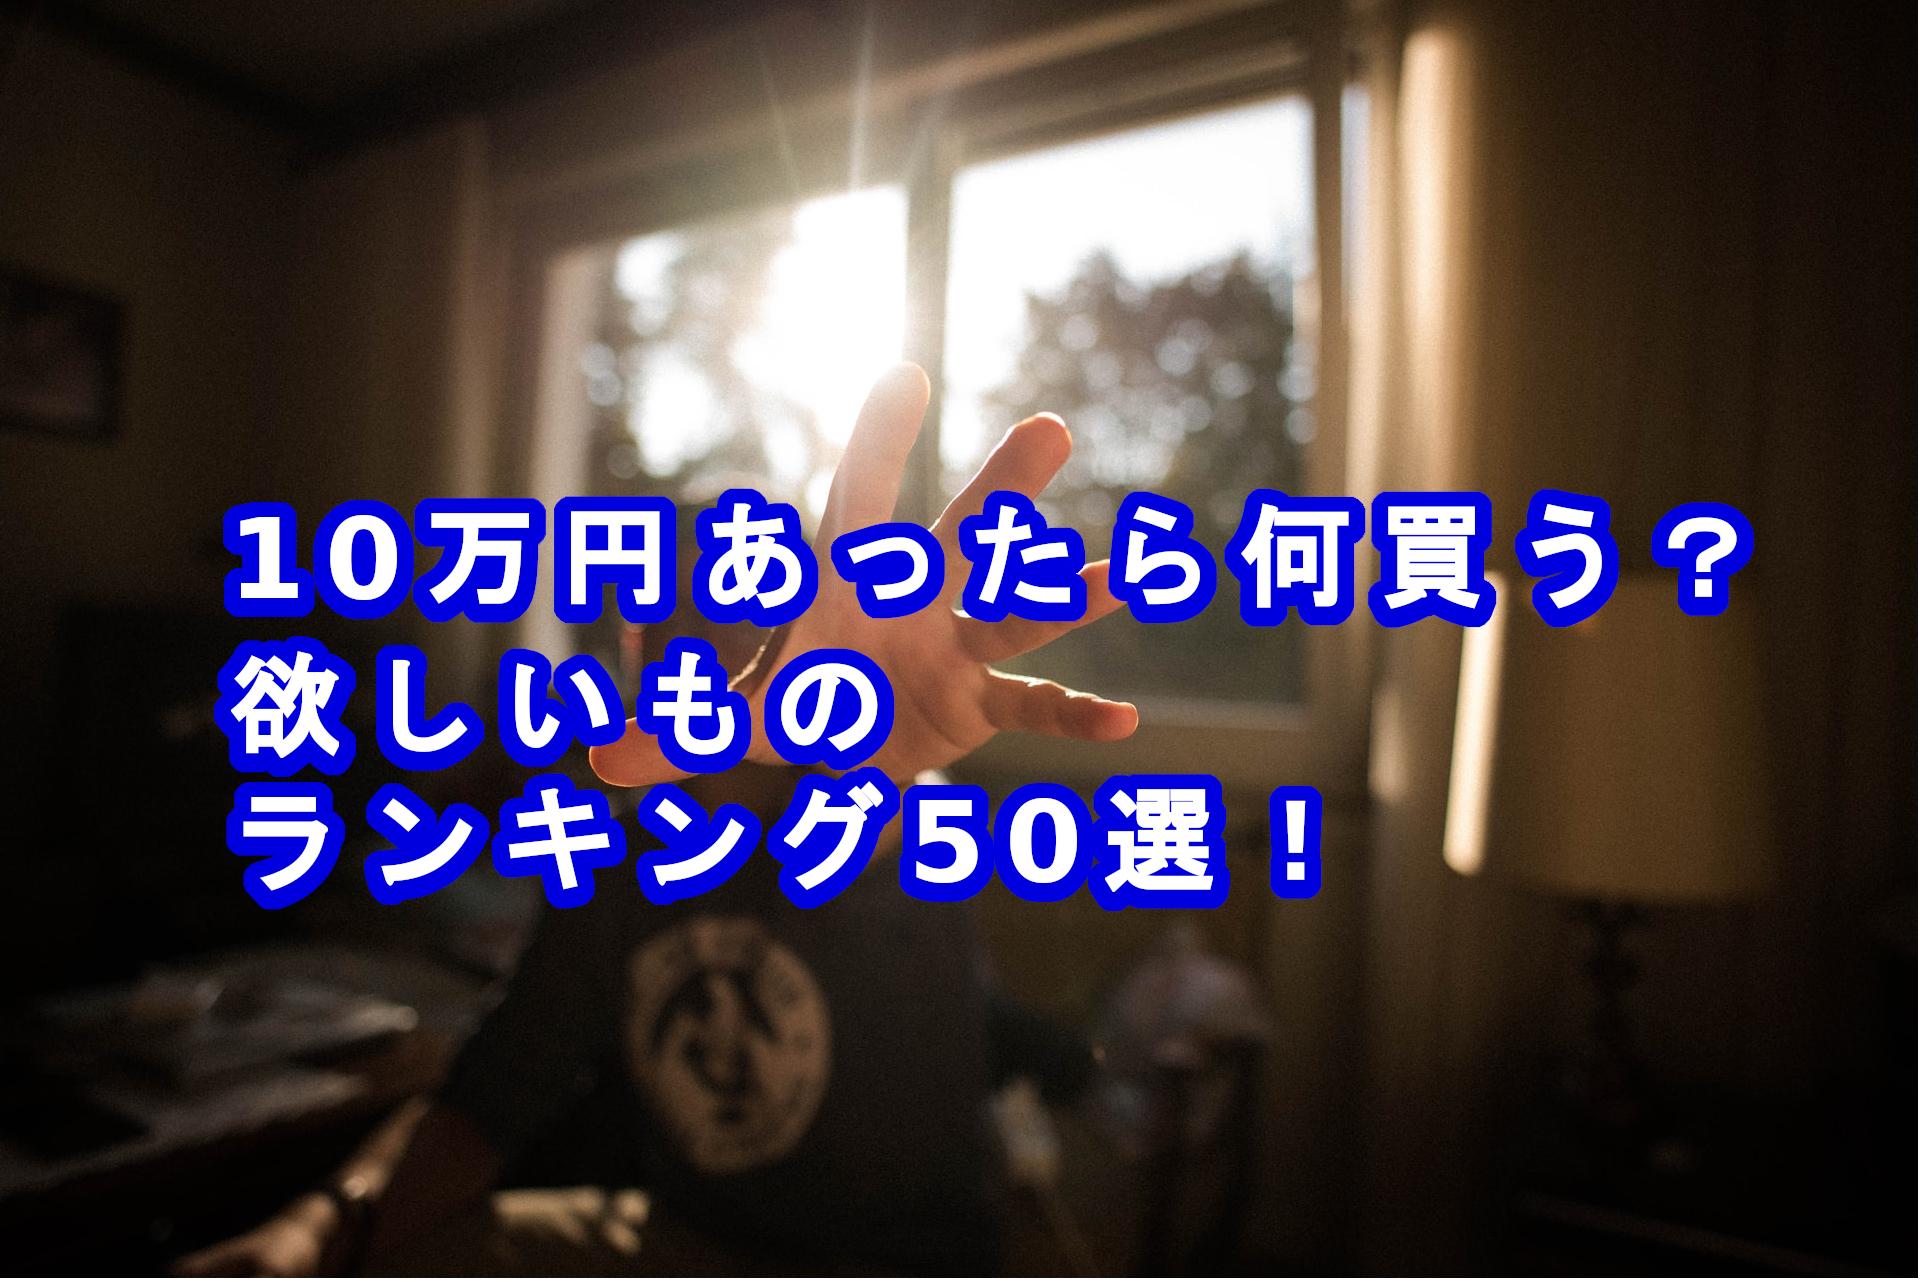 【2020年】10万円手に入ったら何買う?買いたいもの50選ランキング!